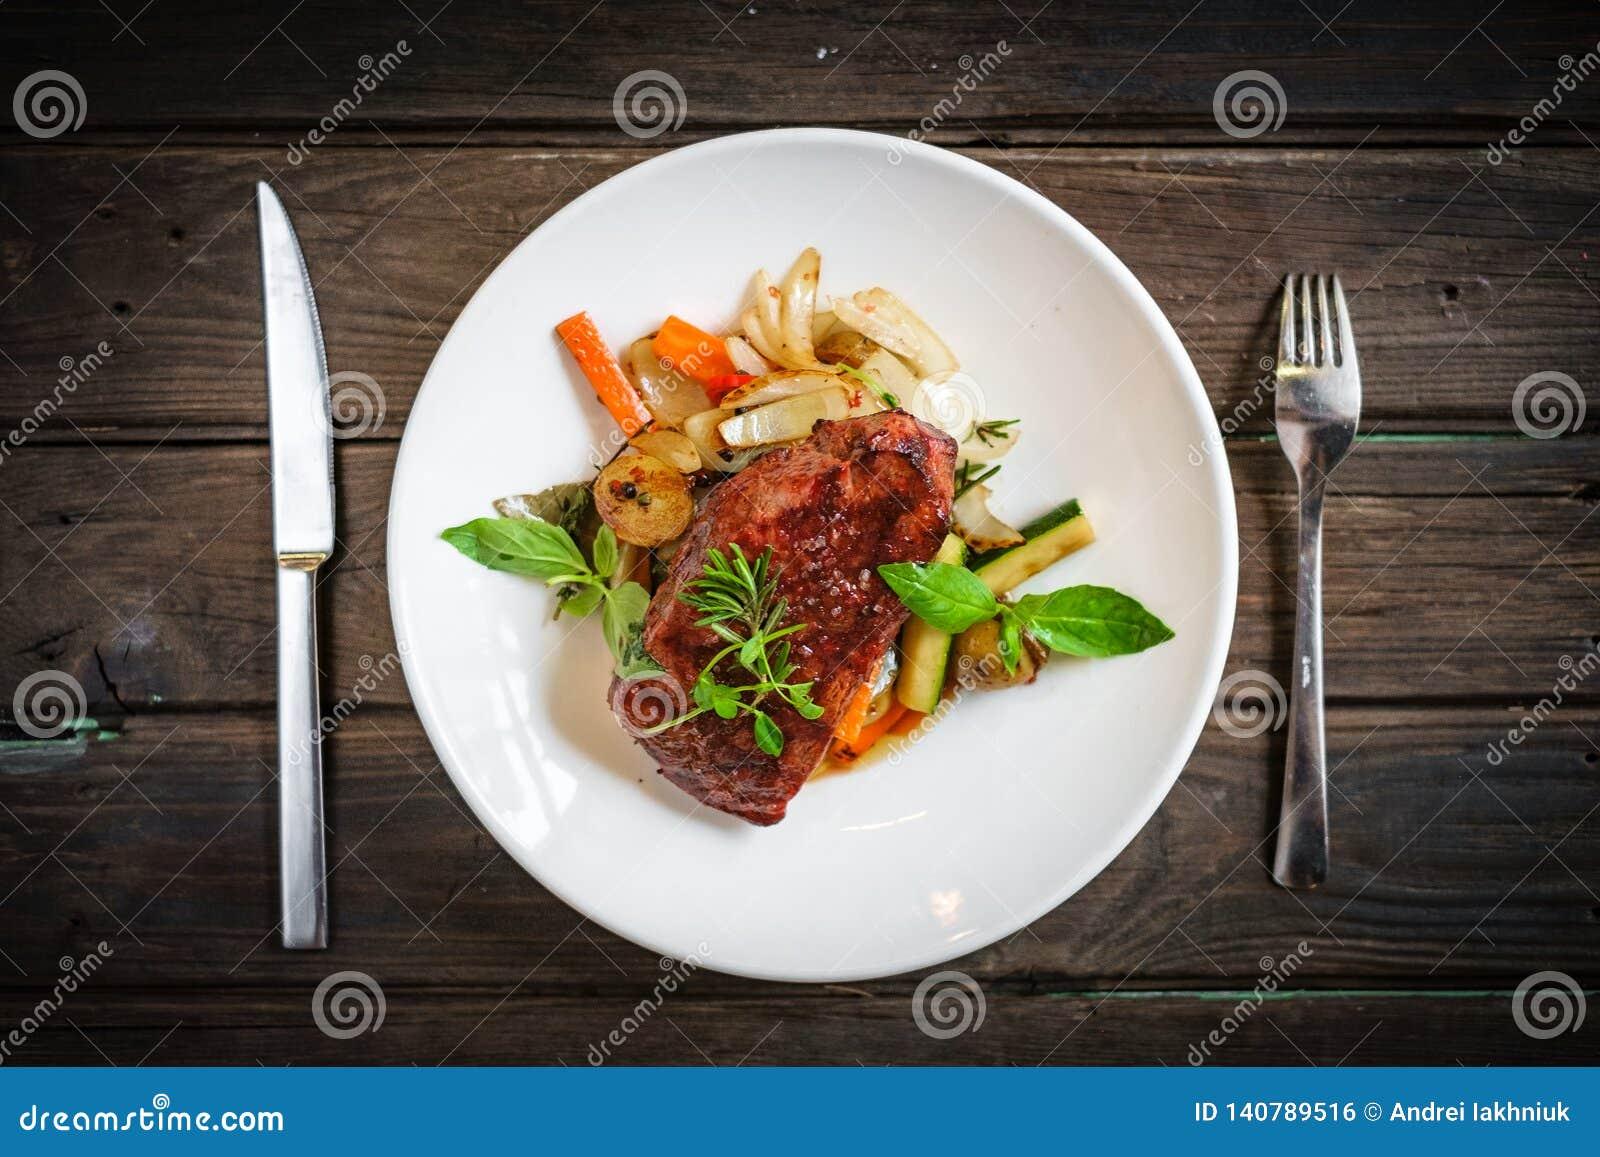 Grillad Striploin biff med grönsaker på plattan